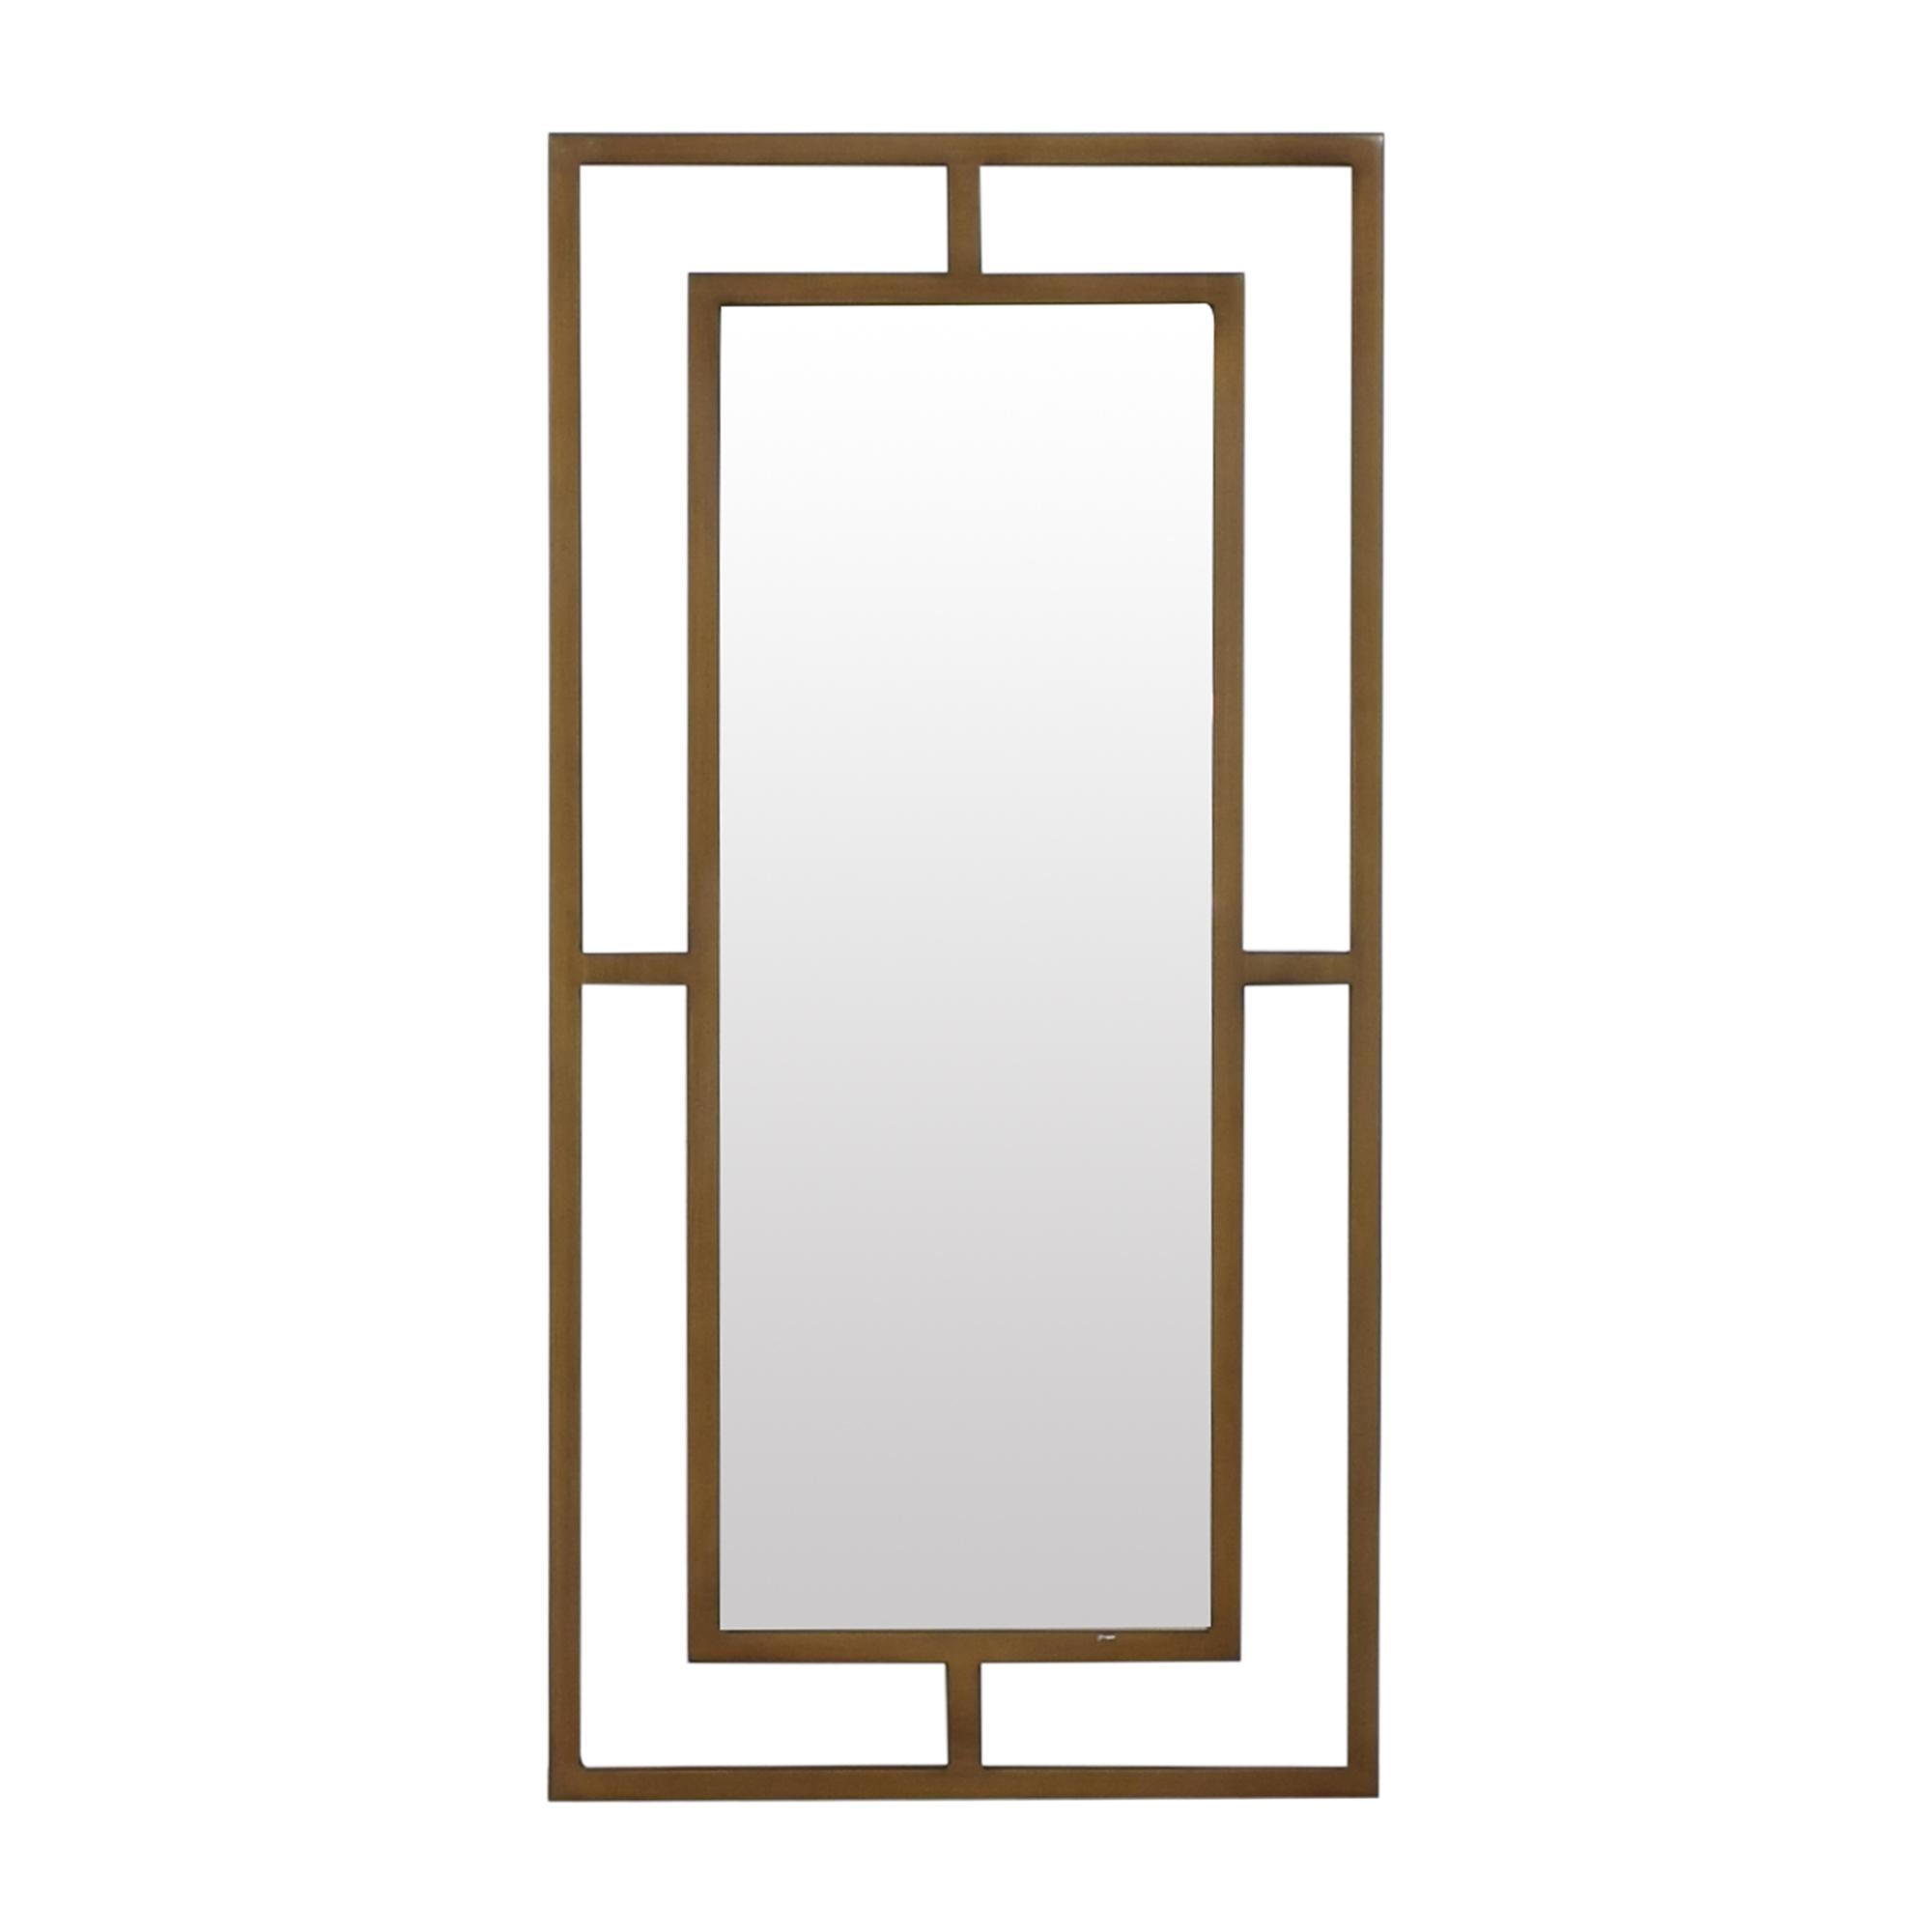 Mitchell Gold + Bob Williams Mitchell Gold + Bob Williams Ming Small Mirror Mirrors